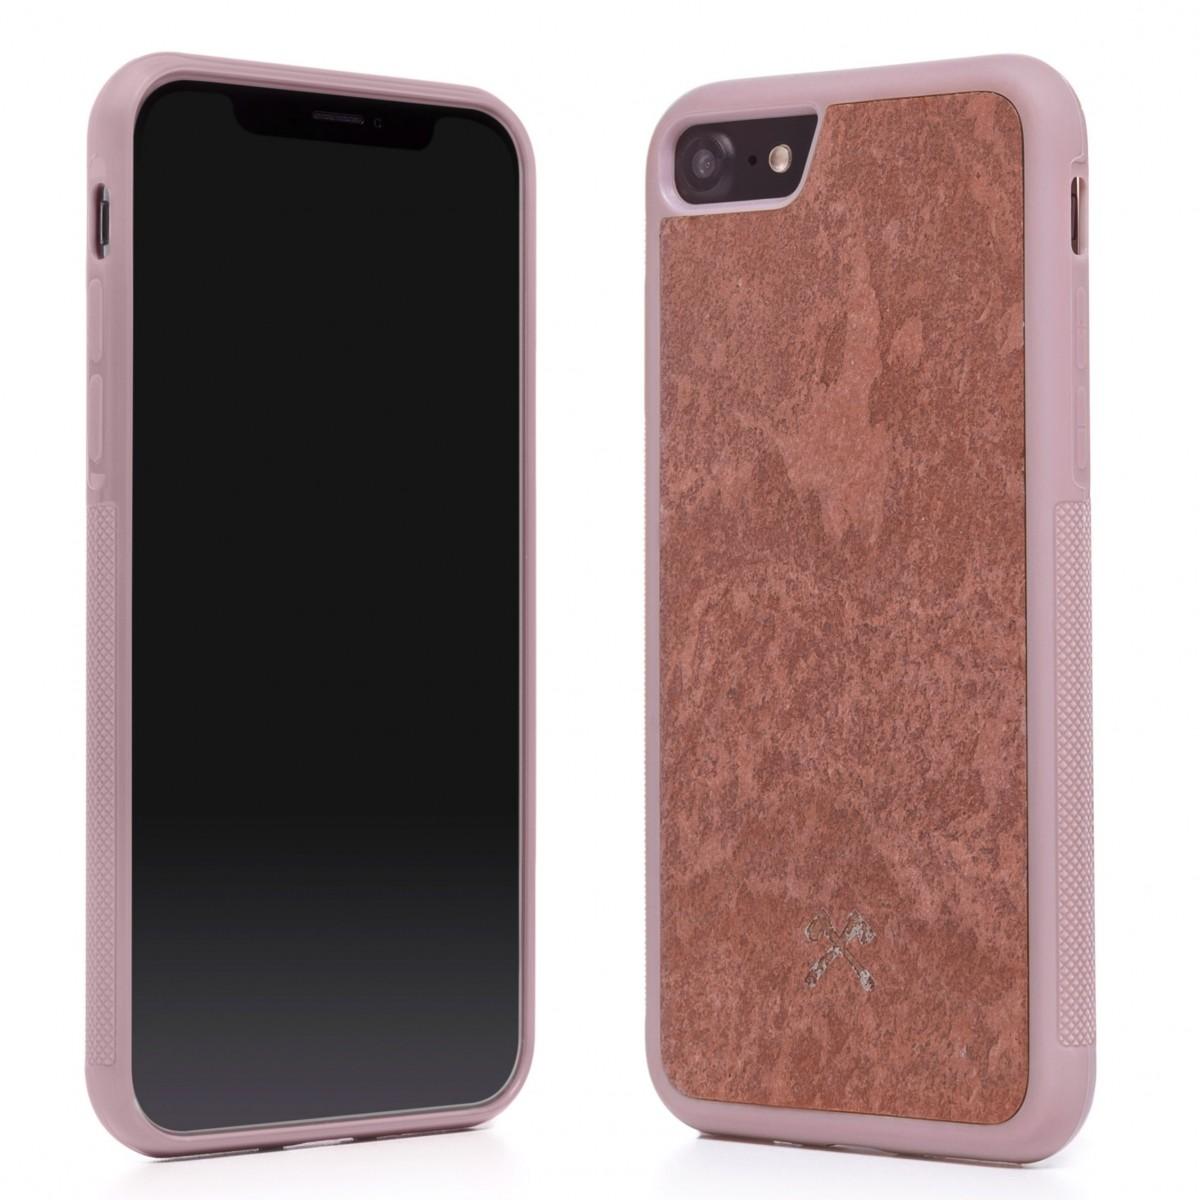 Woodcessories - EcoBump Stone - Premium Design Hülle, Case, Cover, Backcover für das iPhone 7 / 8 aus hochwertigem Stein (Volcano Schwarz, Camo Grau, Canyon Rot)